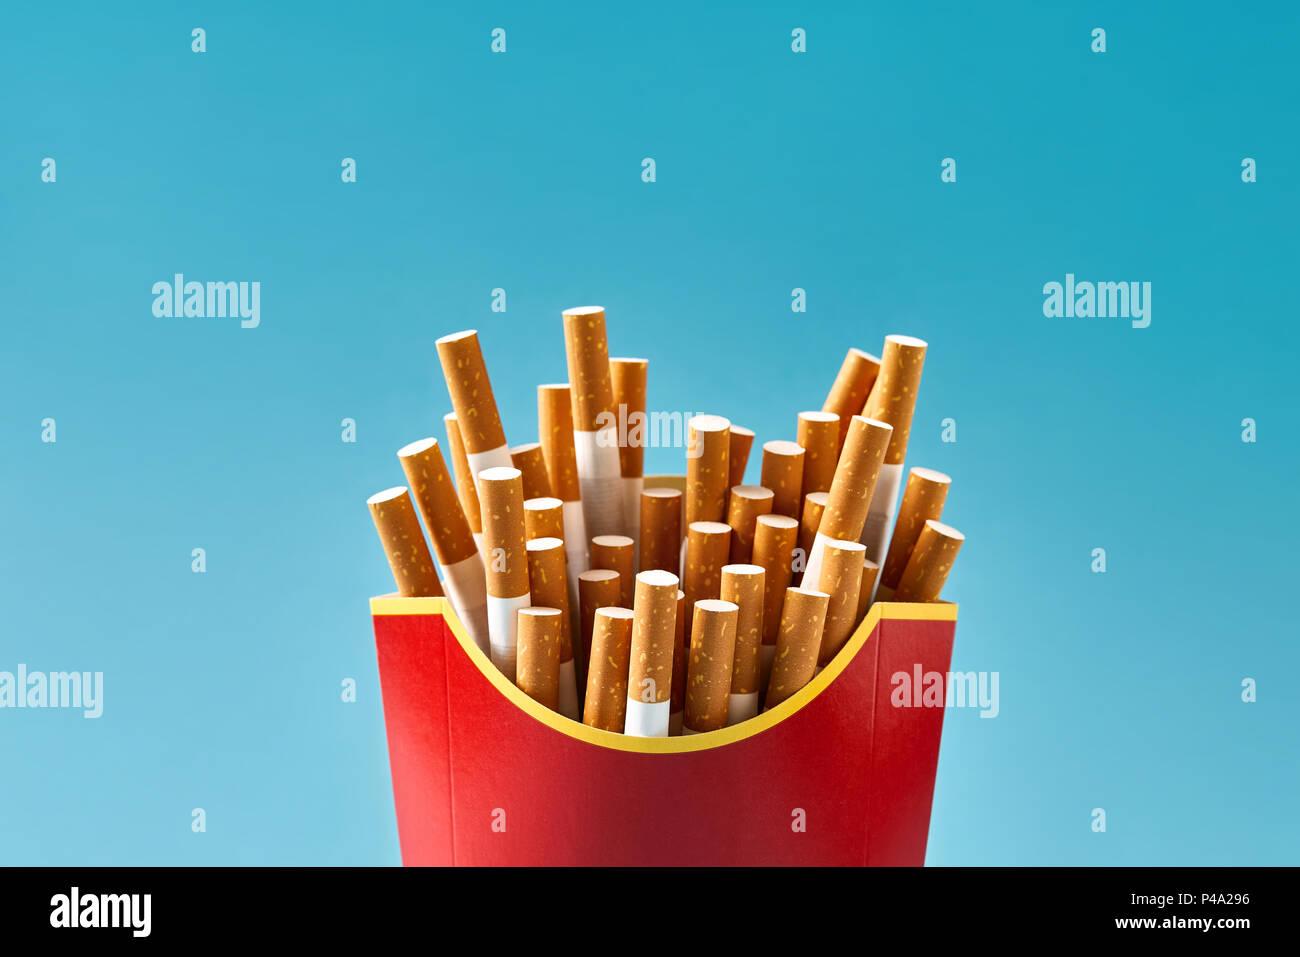 Buy Vogue cigarettes